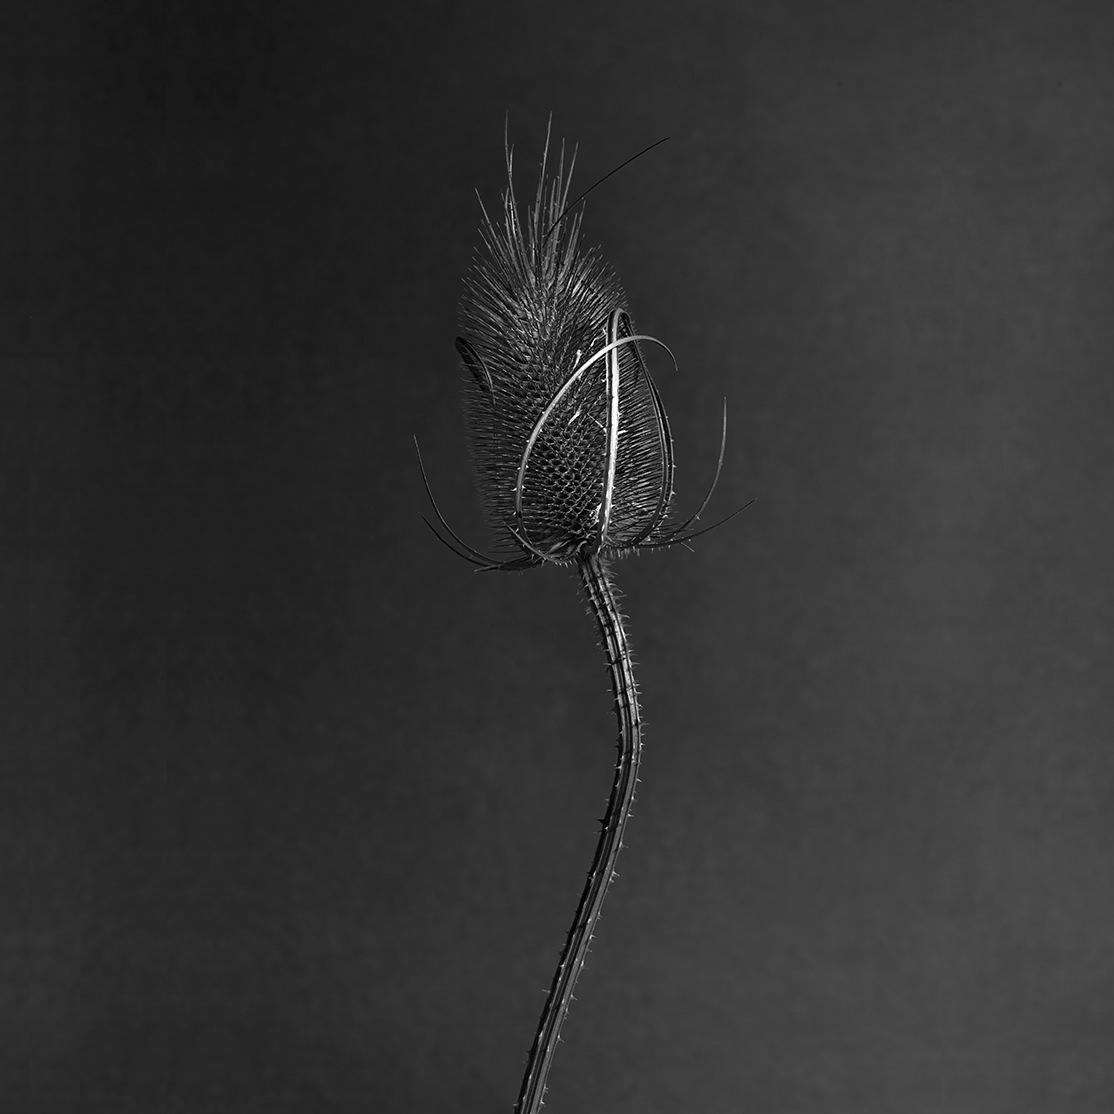 Flowers#062661.jpg